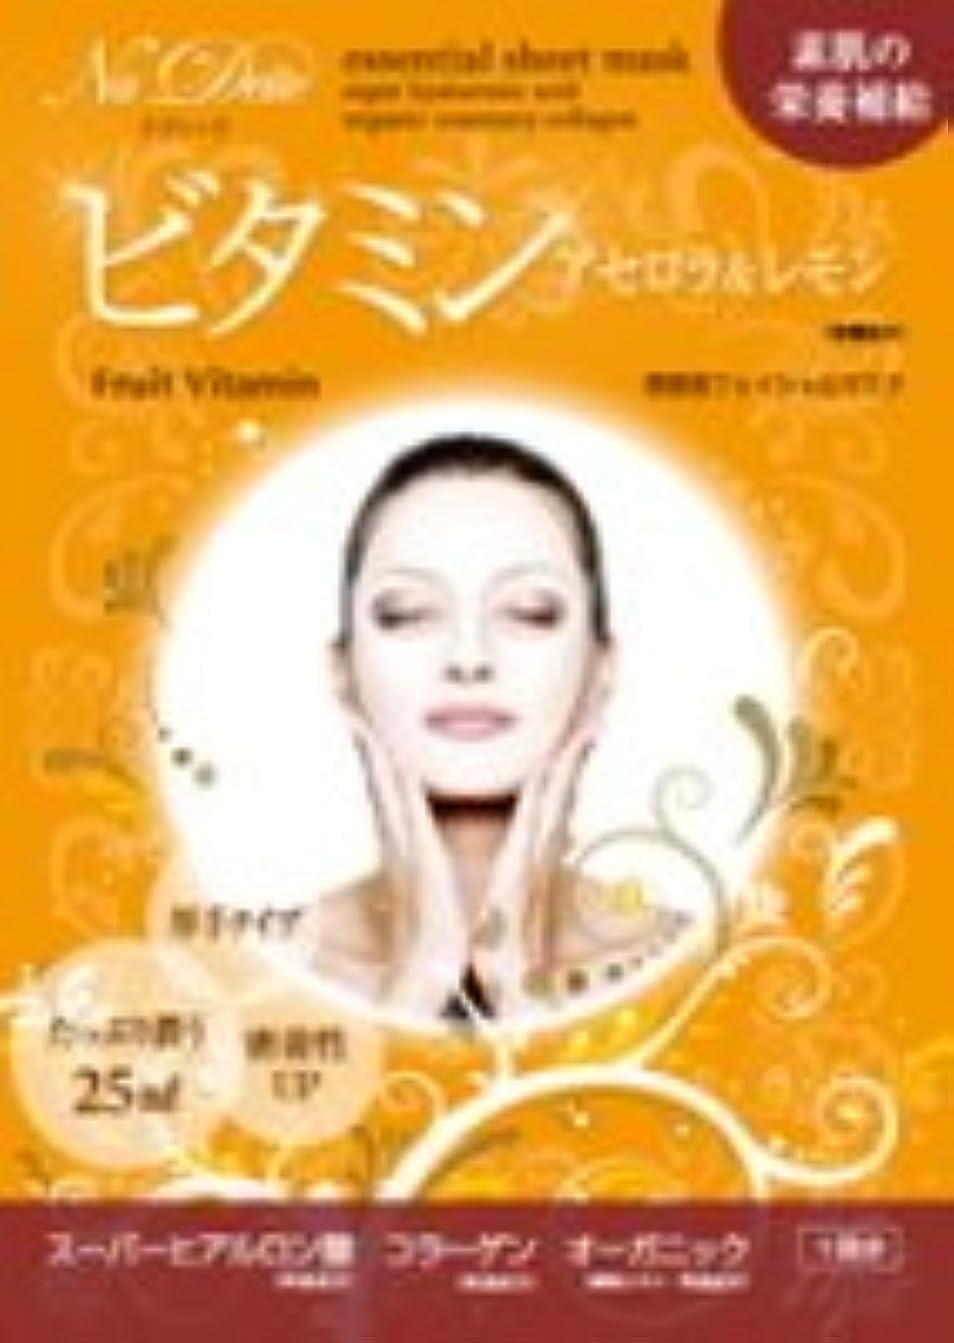 傾いたフリンジ例フェイスマスクシリーズ「ナディーテ」エッセンスシートマスク(ビタミン)